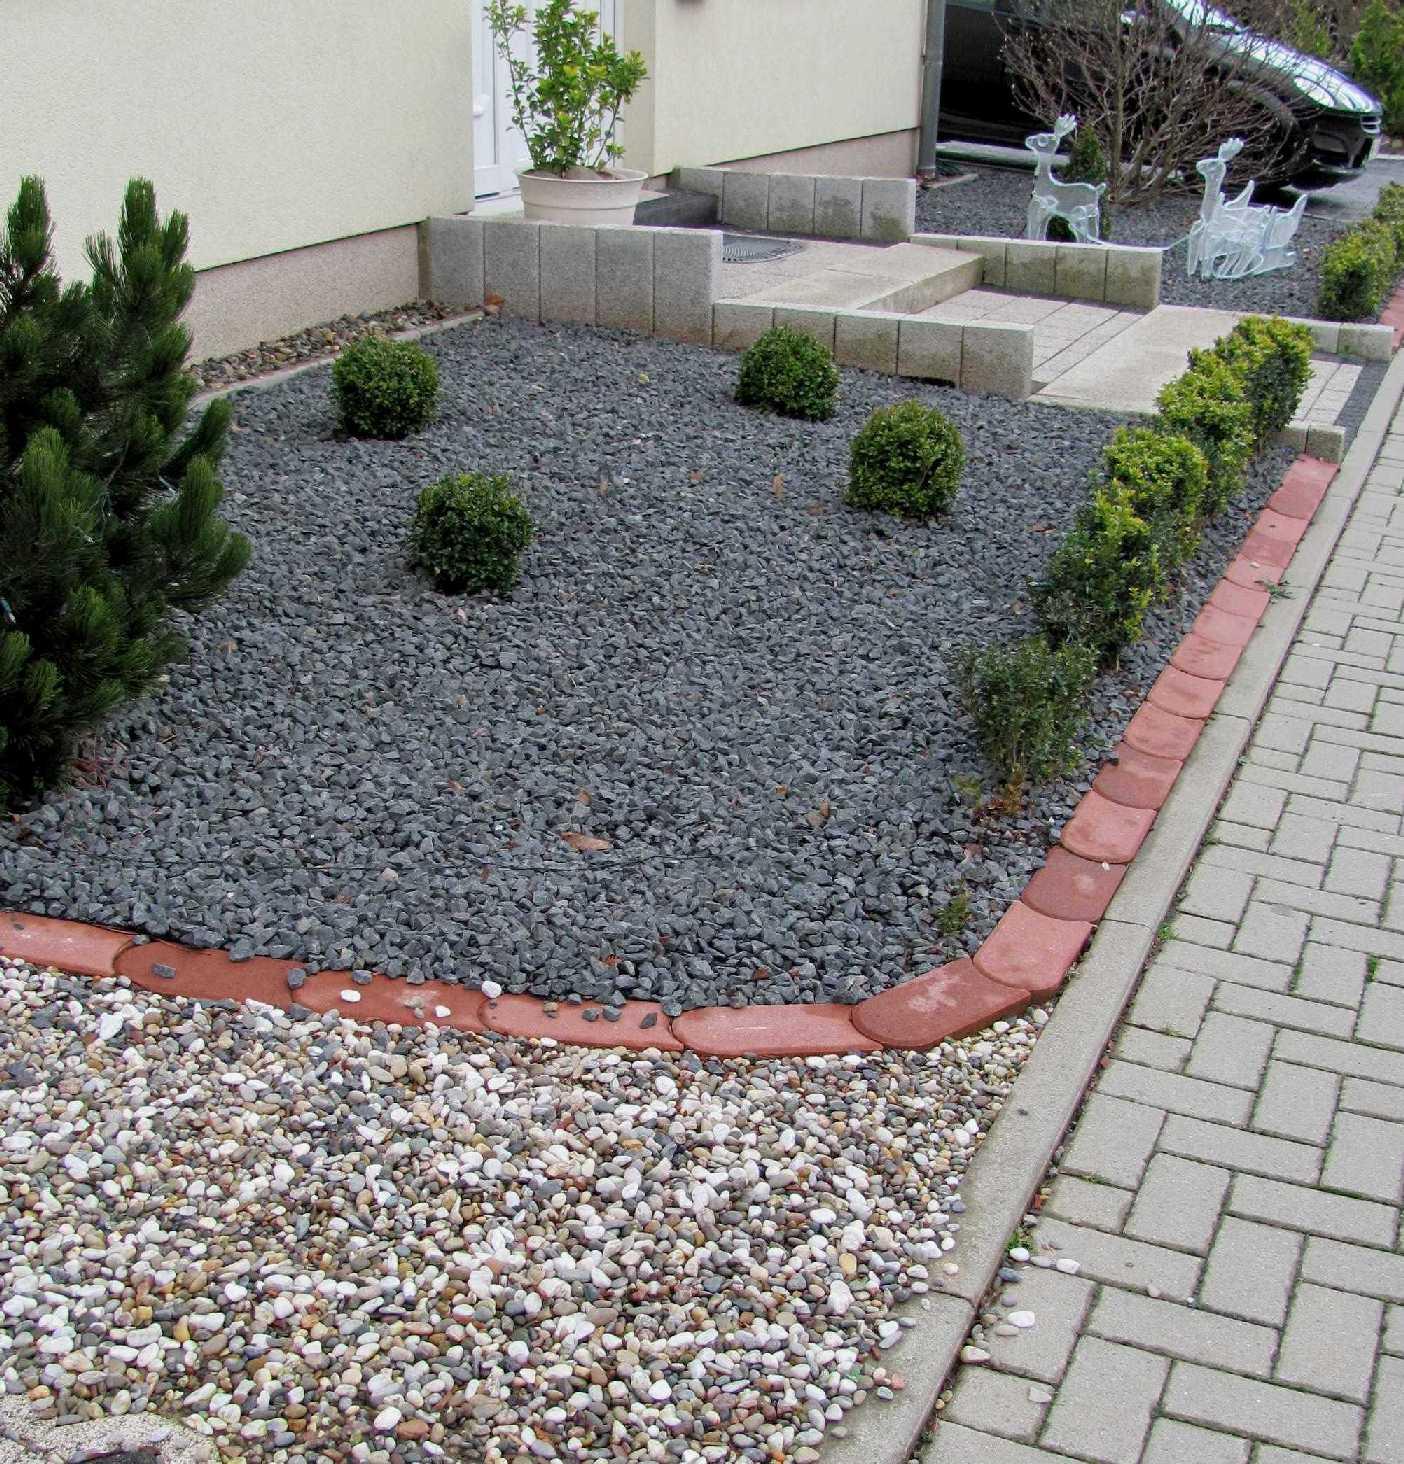 Vorgarten Gestalten Mit Kies Ideen